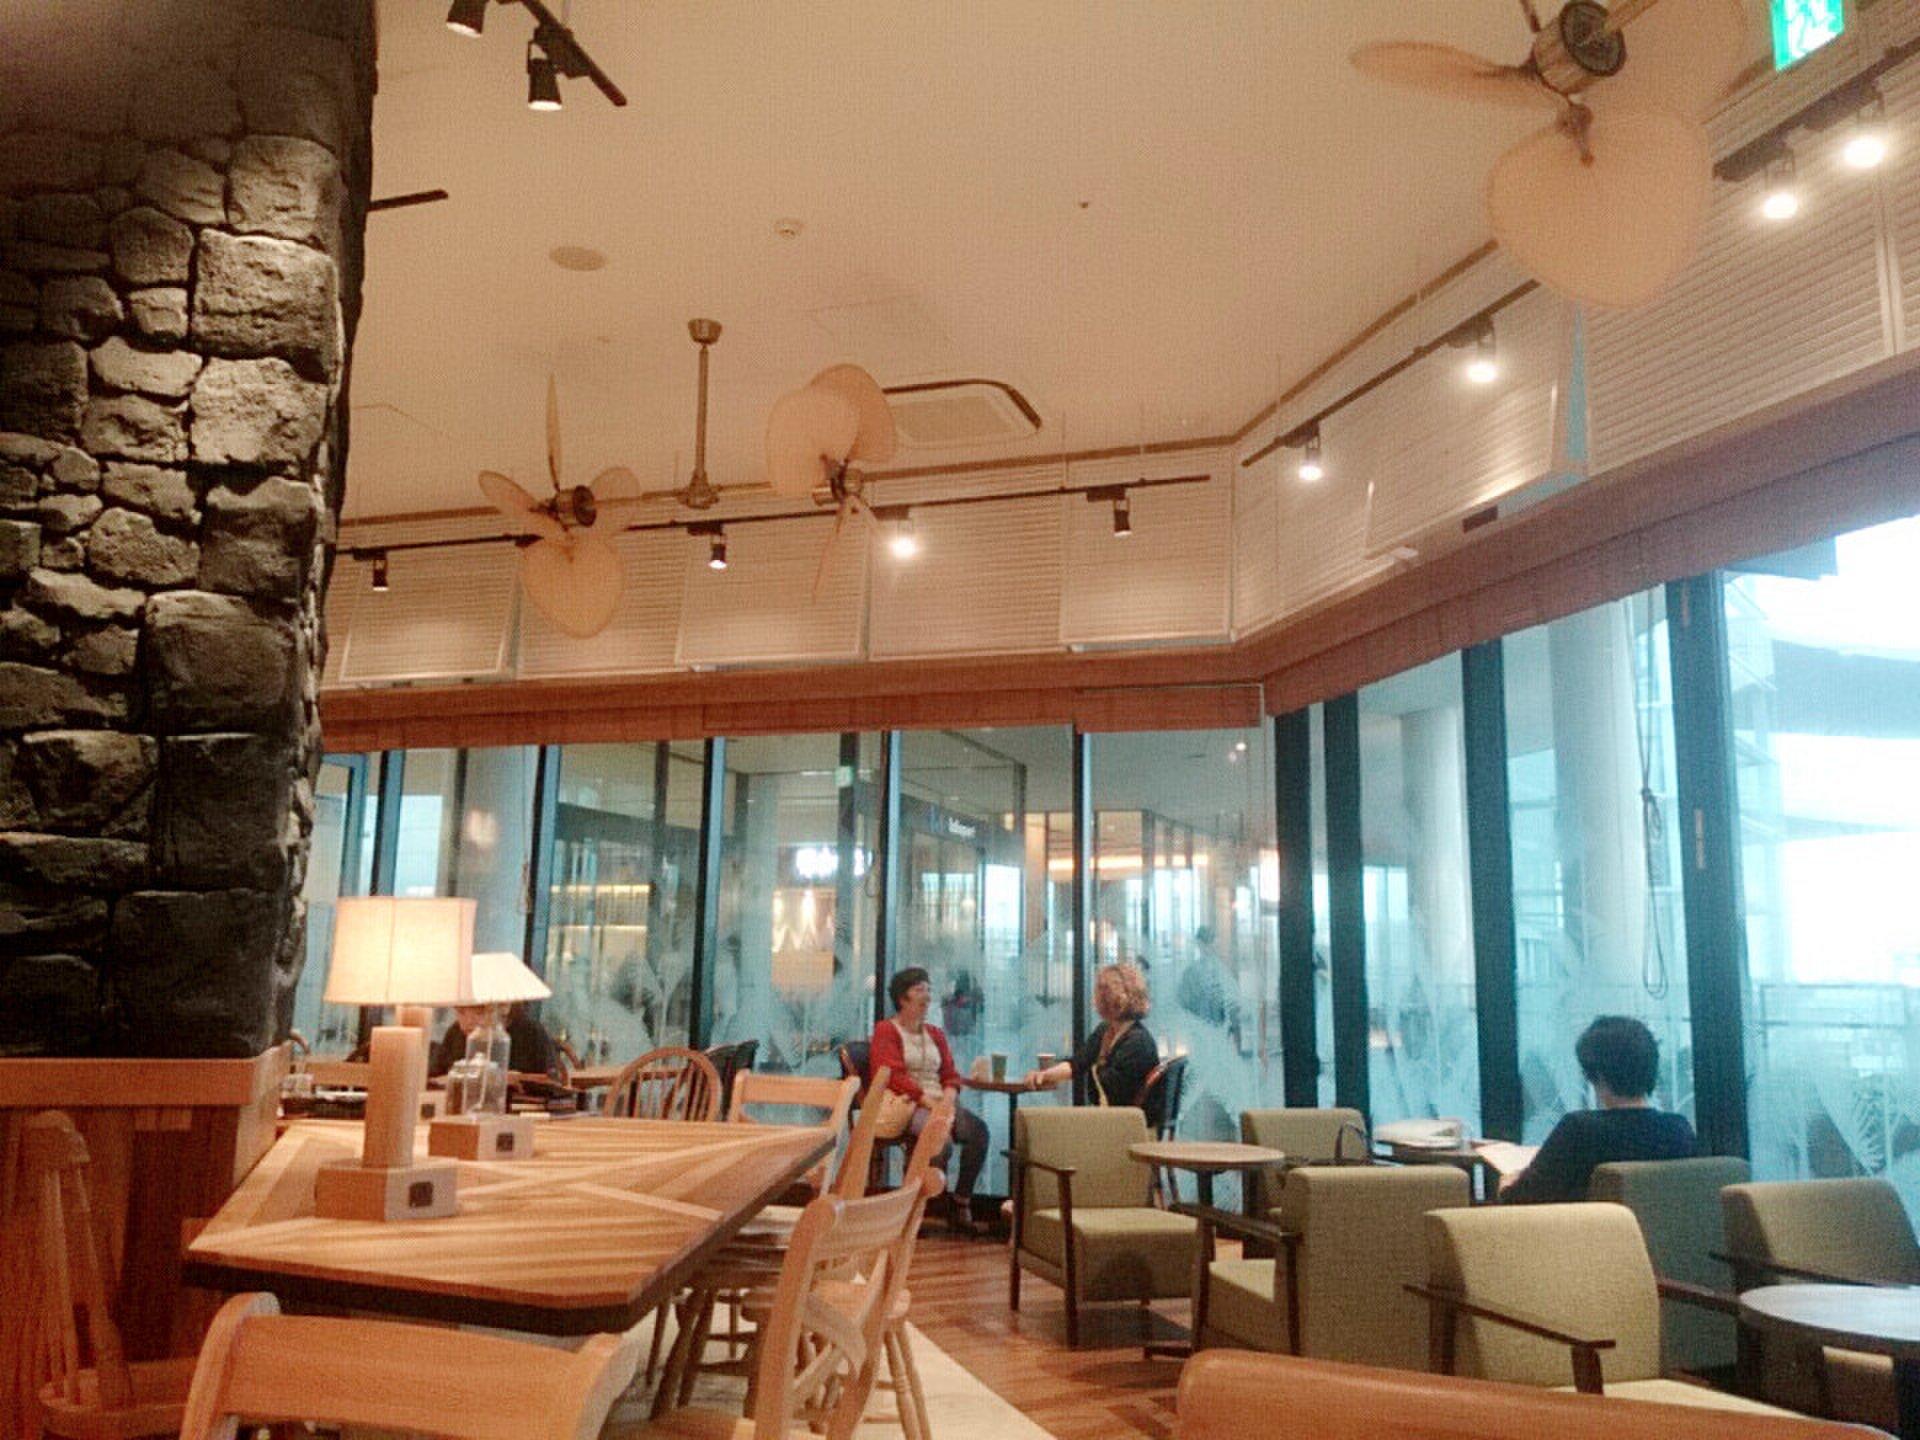 ららぽーと横浜【おすすめカフェ】ハワイアン&アメリカンカフェはしごプラン